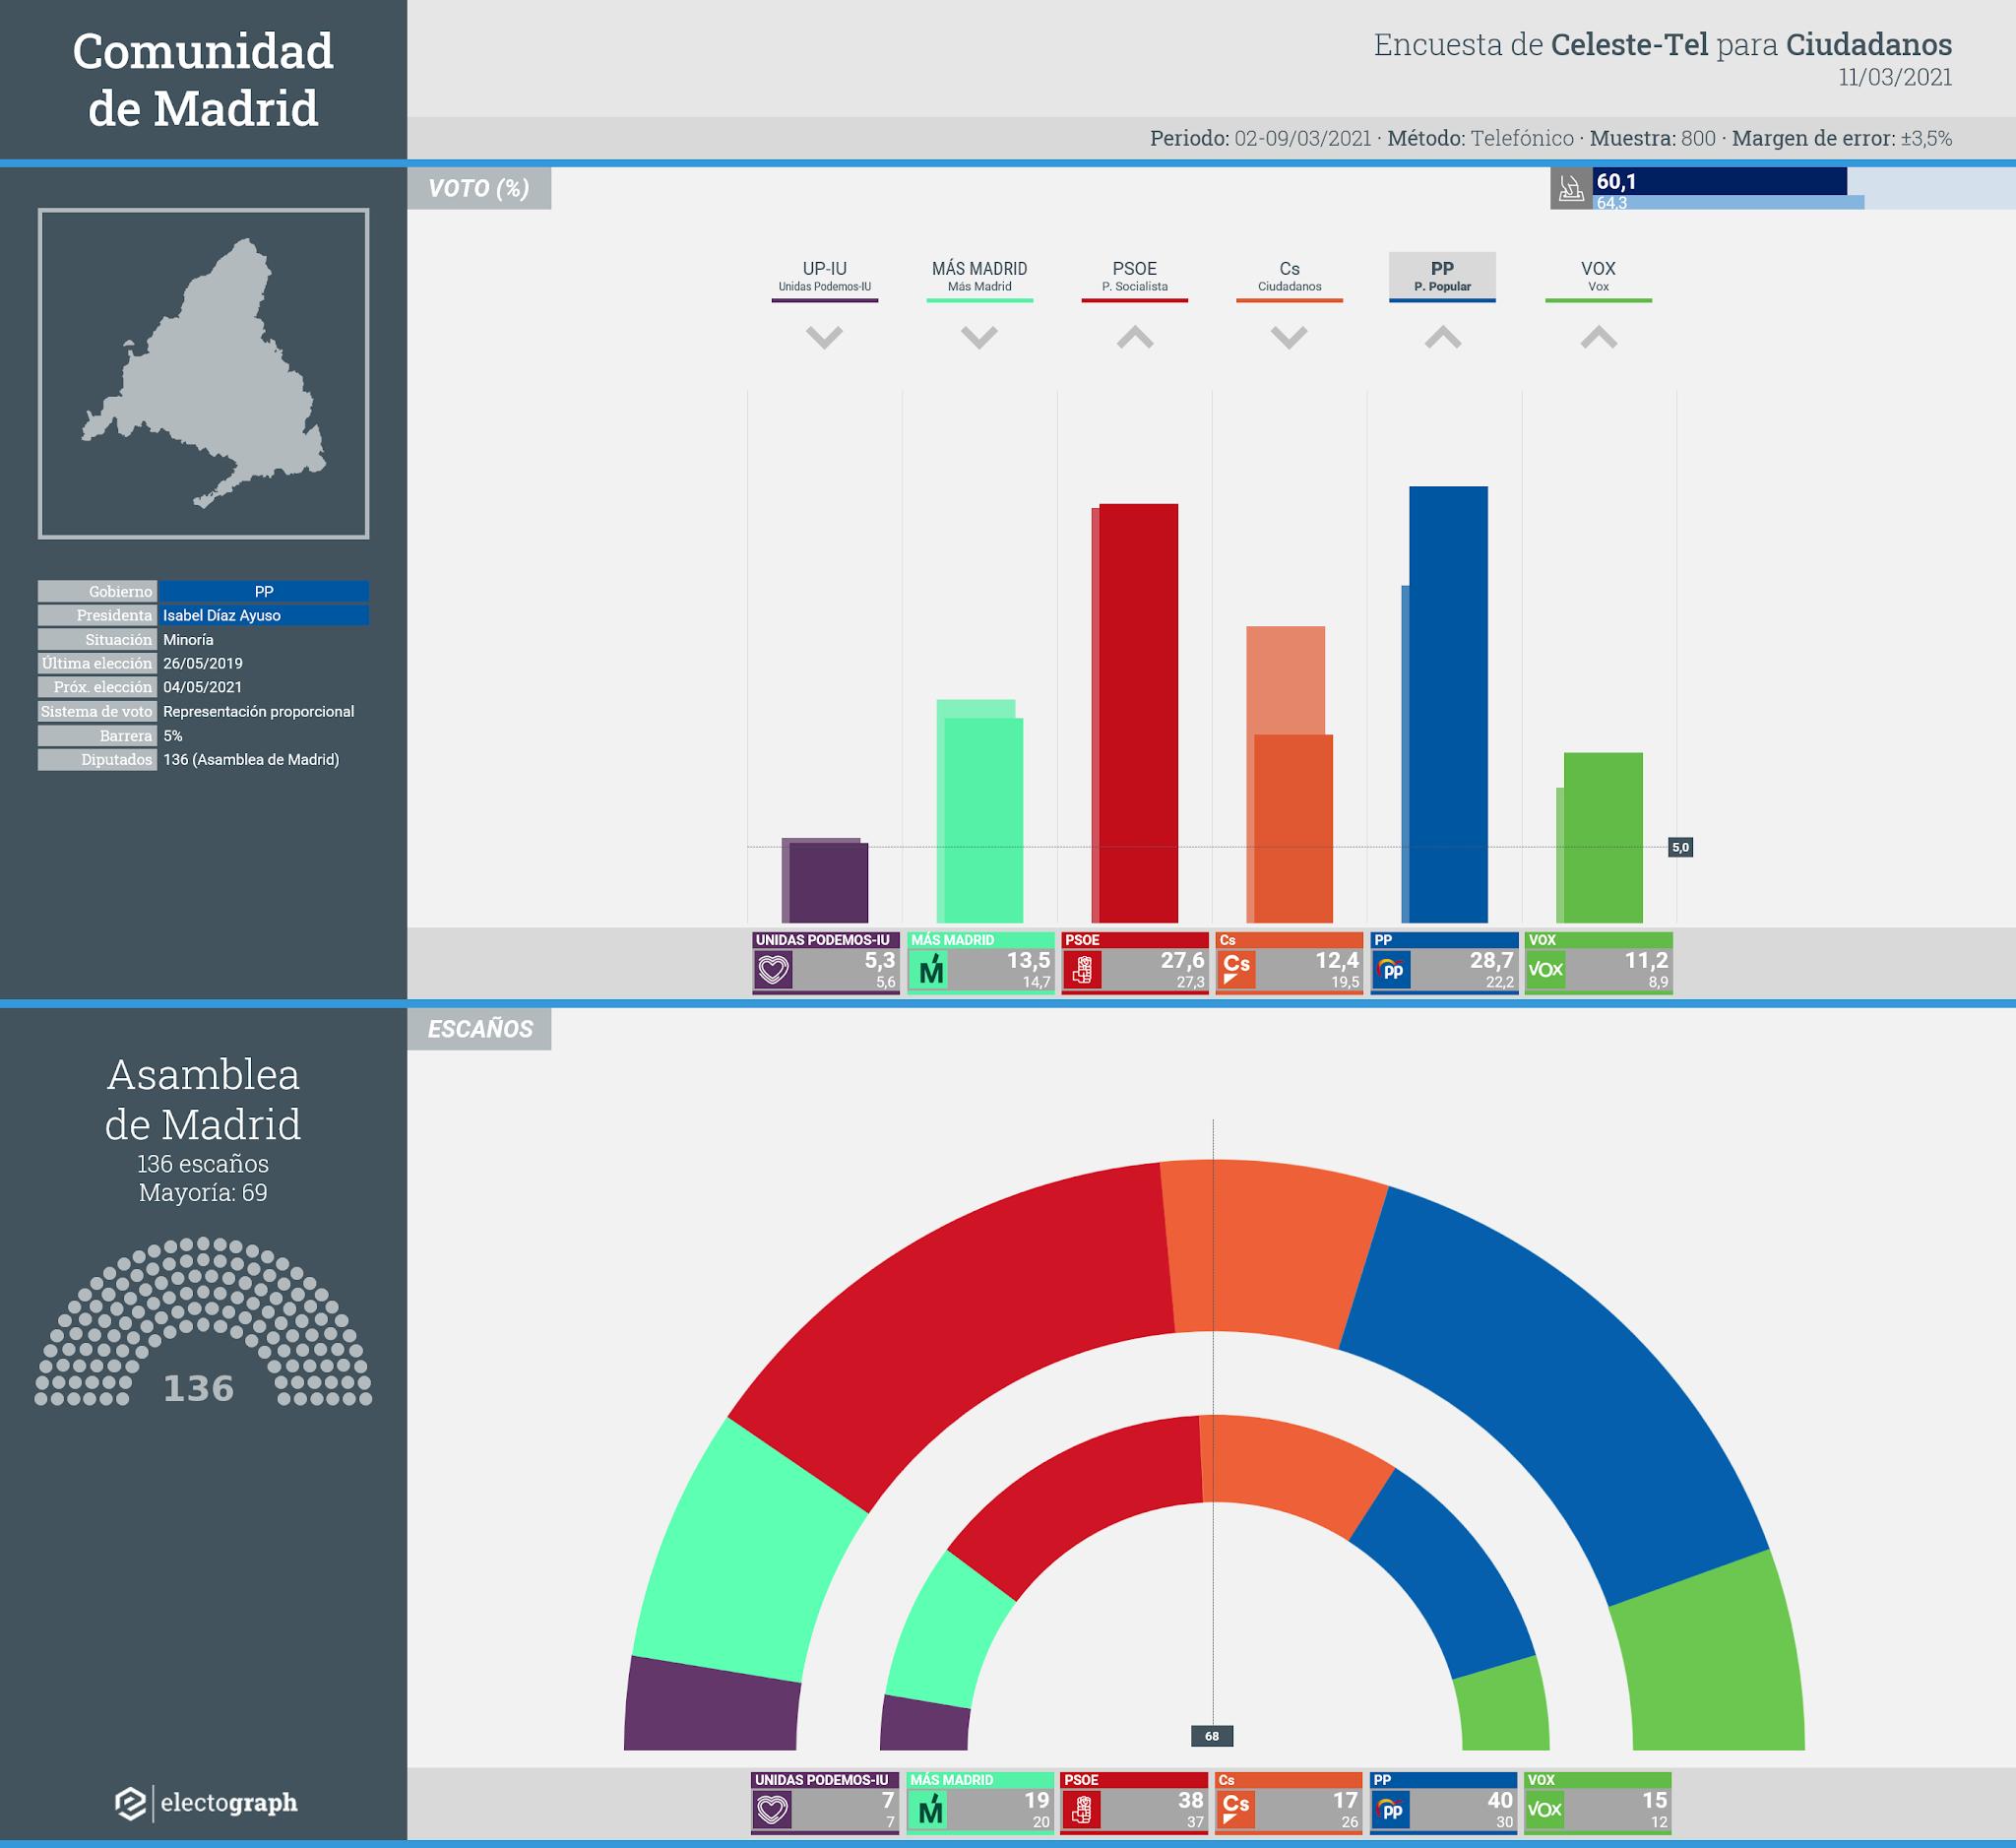 Gráfico de la encuesta para elecciones autonómicas en la Comunidad de Madrid realizada por Celeste-Tel para Ciudadanos, 11 de marzo de 2021